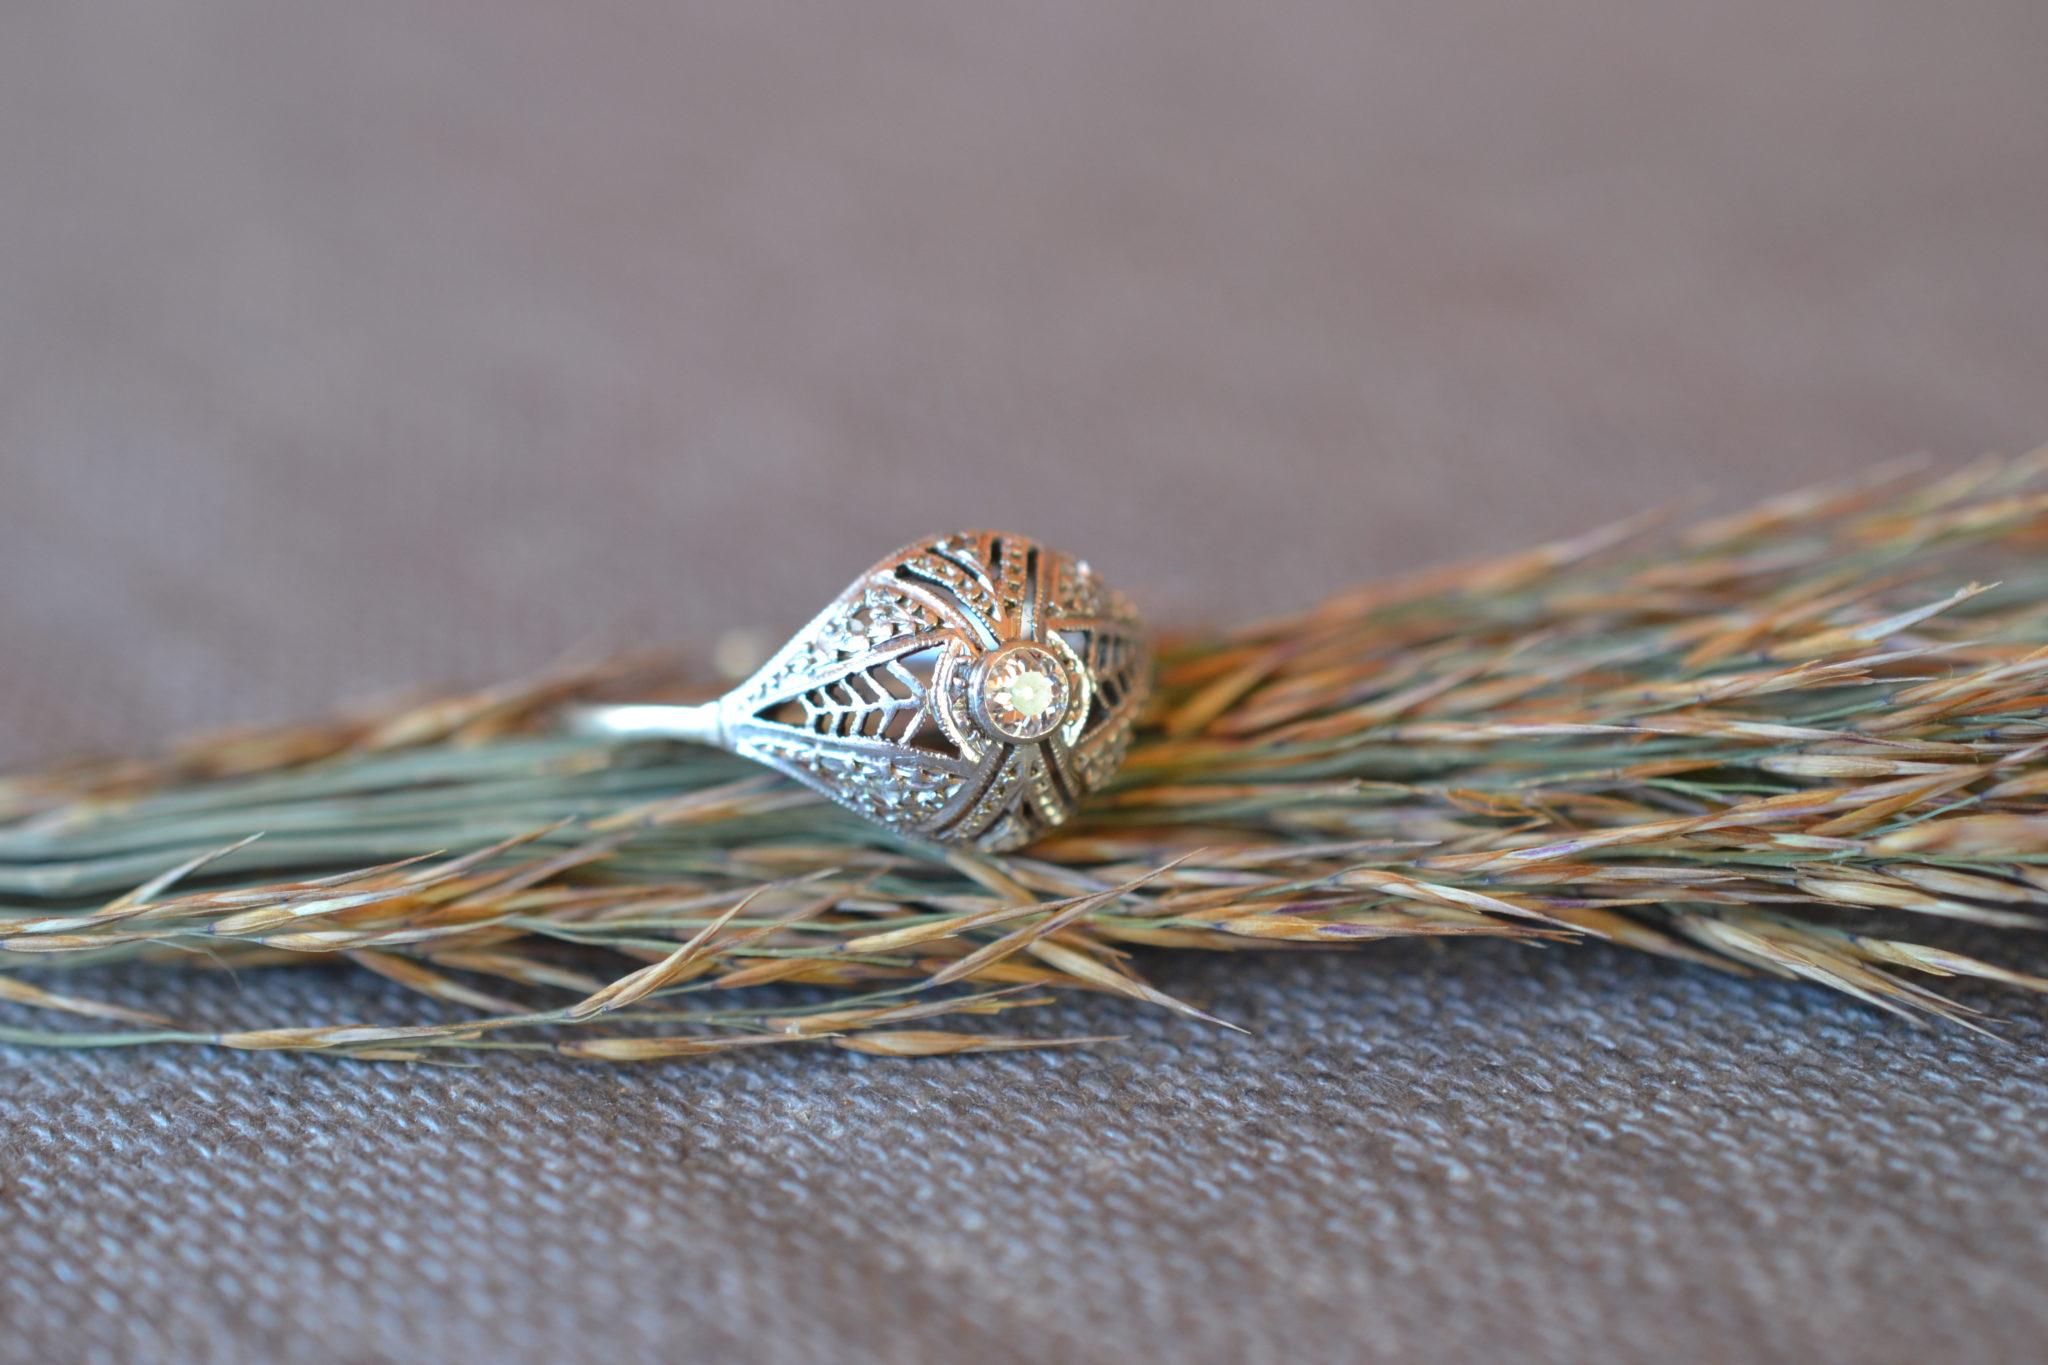 Bague Art Déco En Or Diamant Taille Brillant En Or Blanc Avec Anneau En Or Jaune Bijou Ancien Bague De Fiançailles